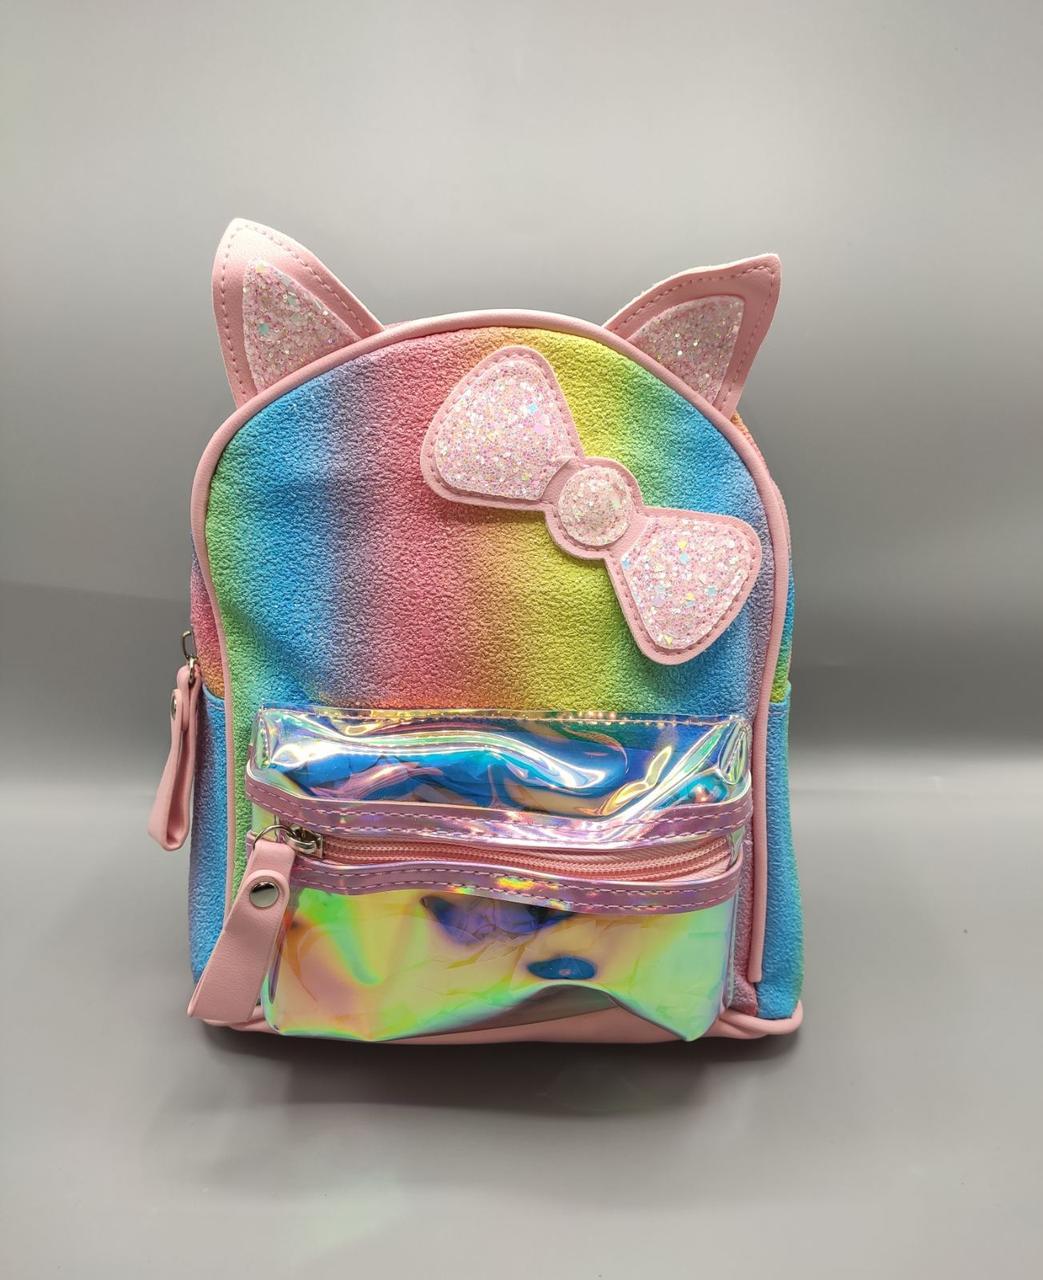 Дитячий рюкзак з бантиком 4 кольори - рожевий